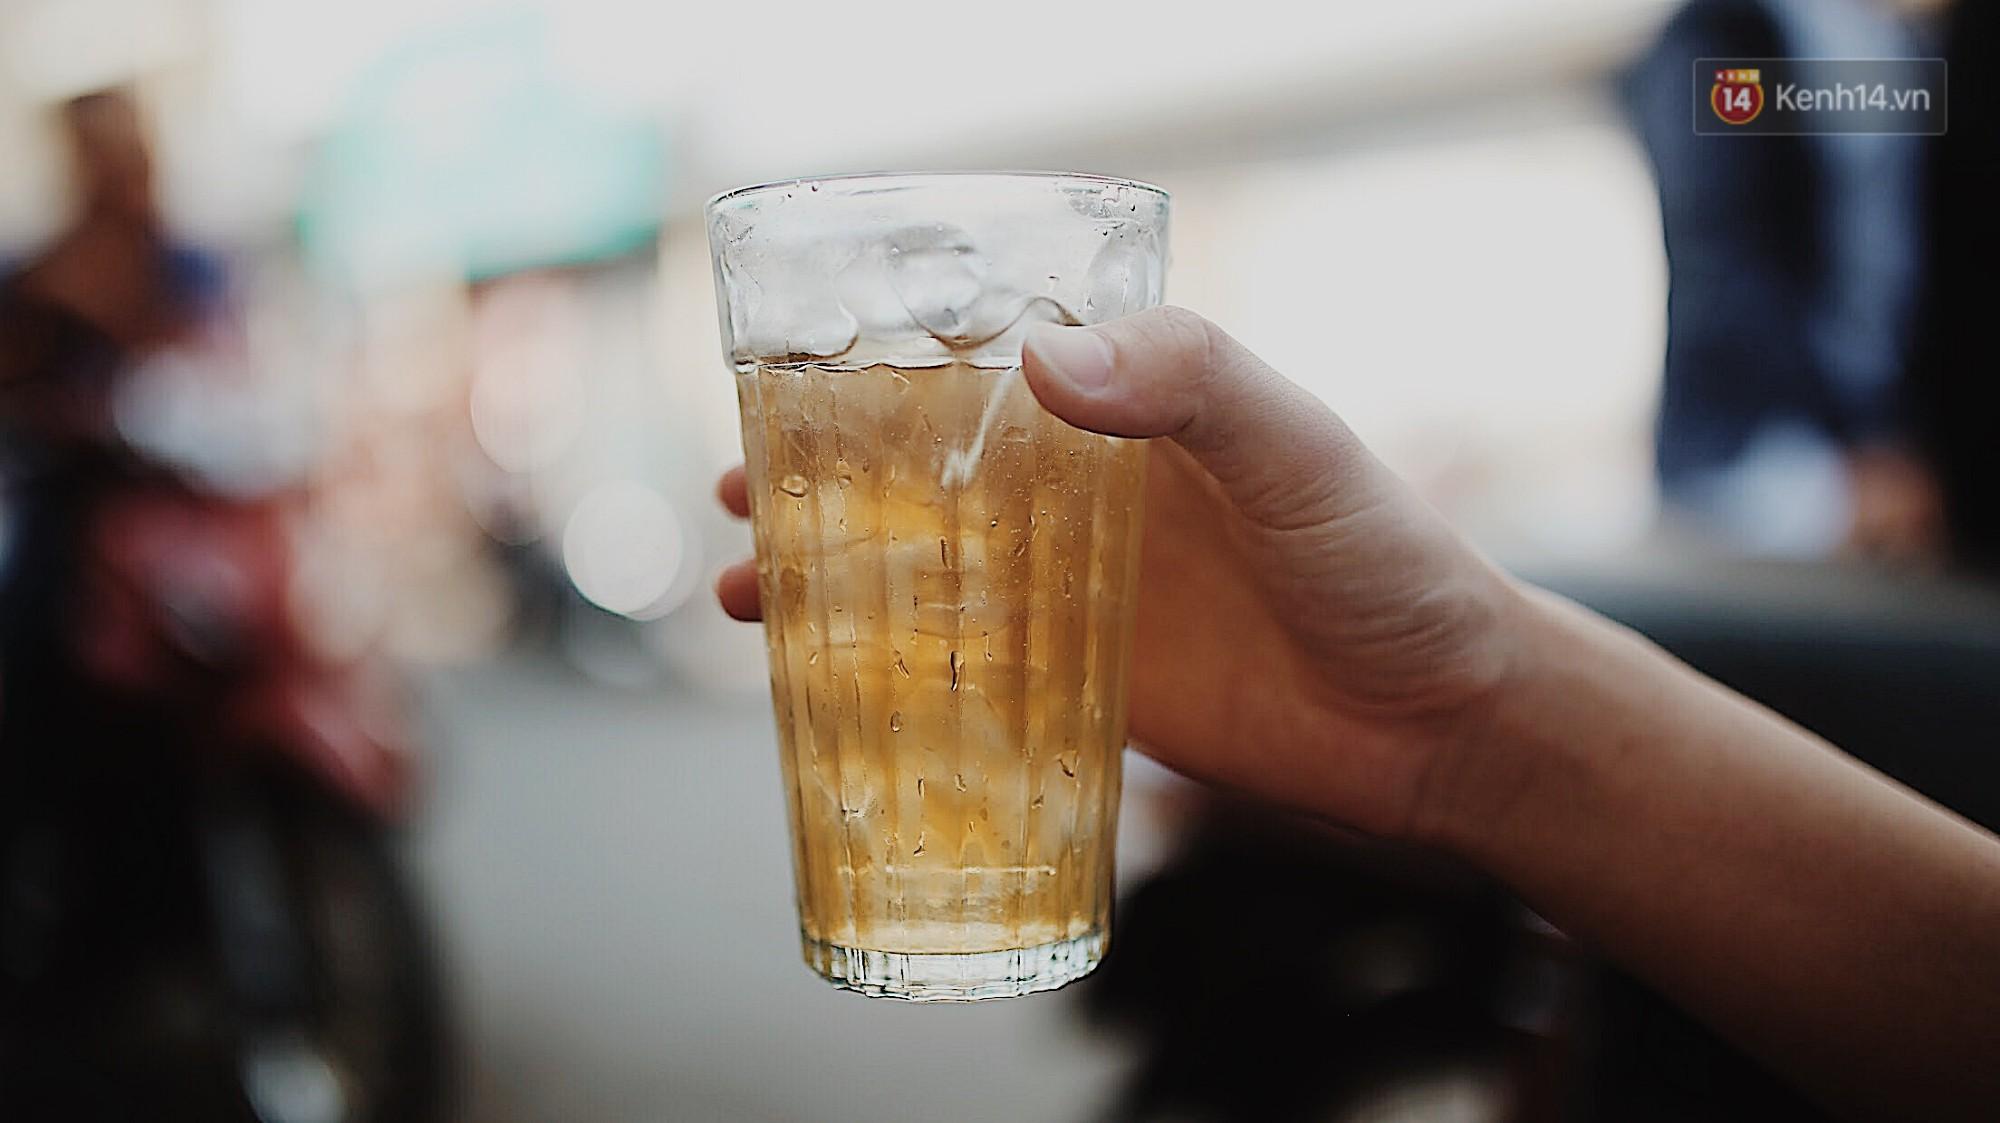 Quán cà phê bạc màu hơn nửa thế kỷ giữa lòng Sài Gòn: Đi đâu rồi cũng về ngồi đây, nhìn thành phố đổi thay nhiều lắm! - Ảnh 6.